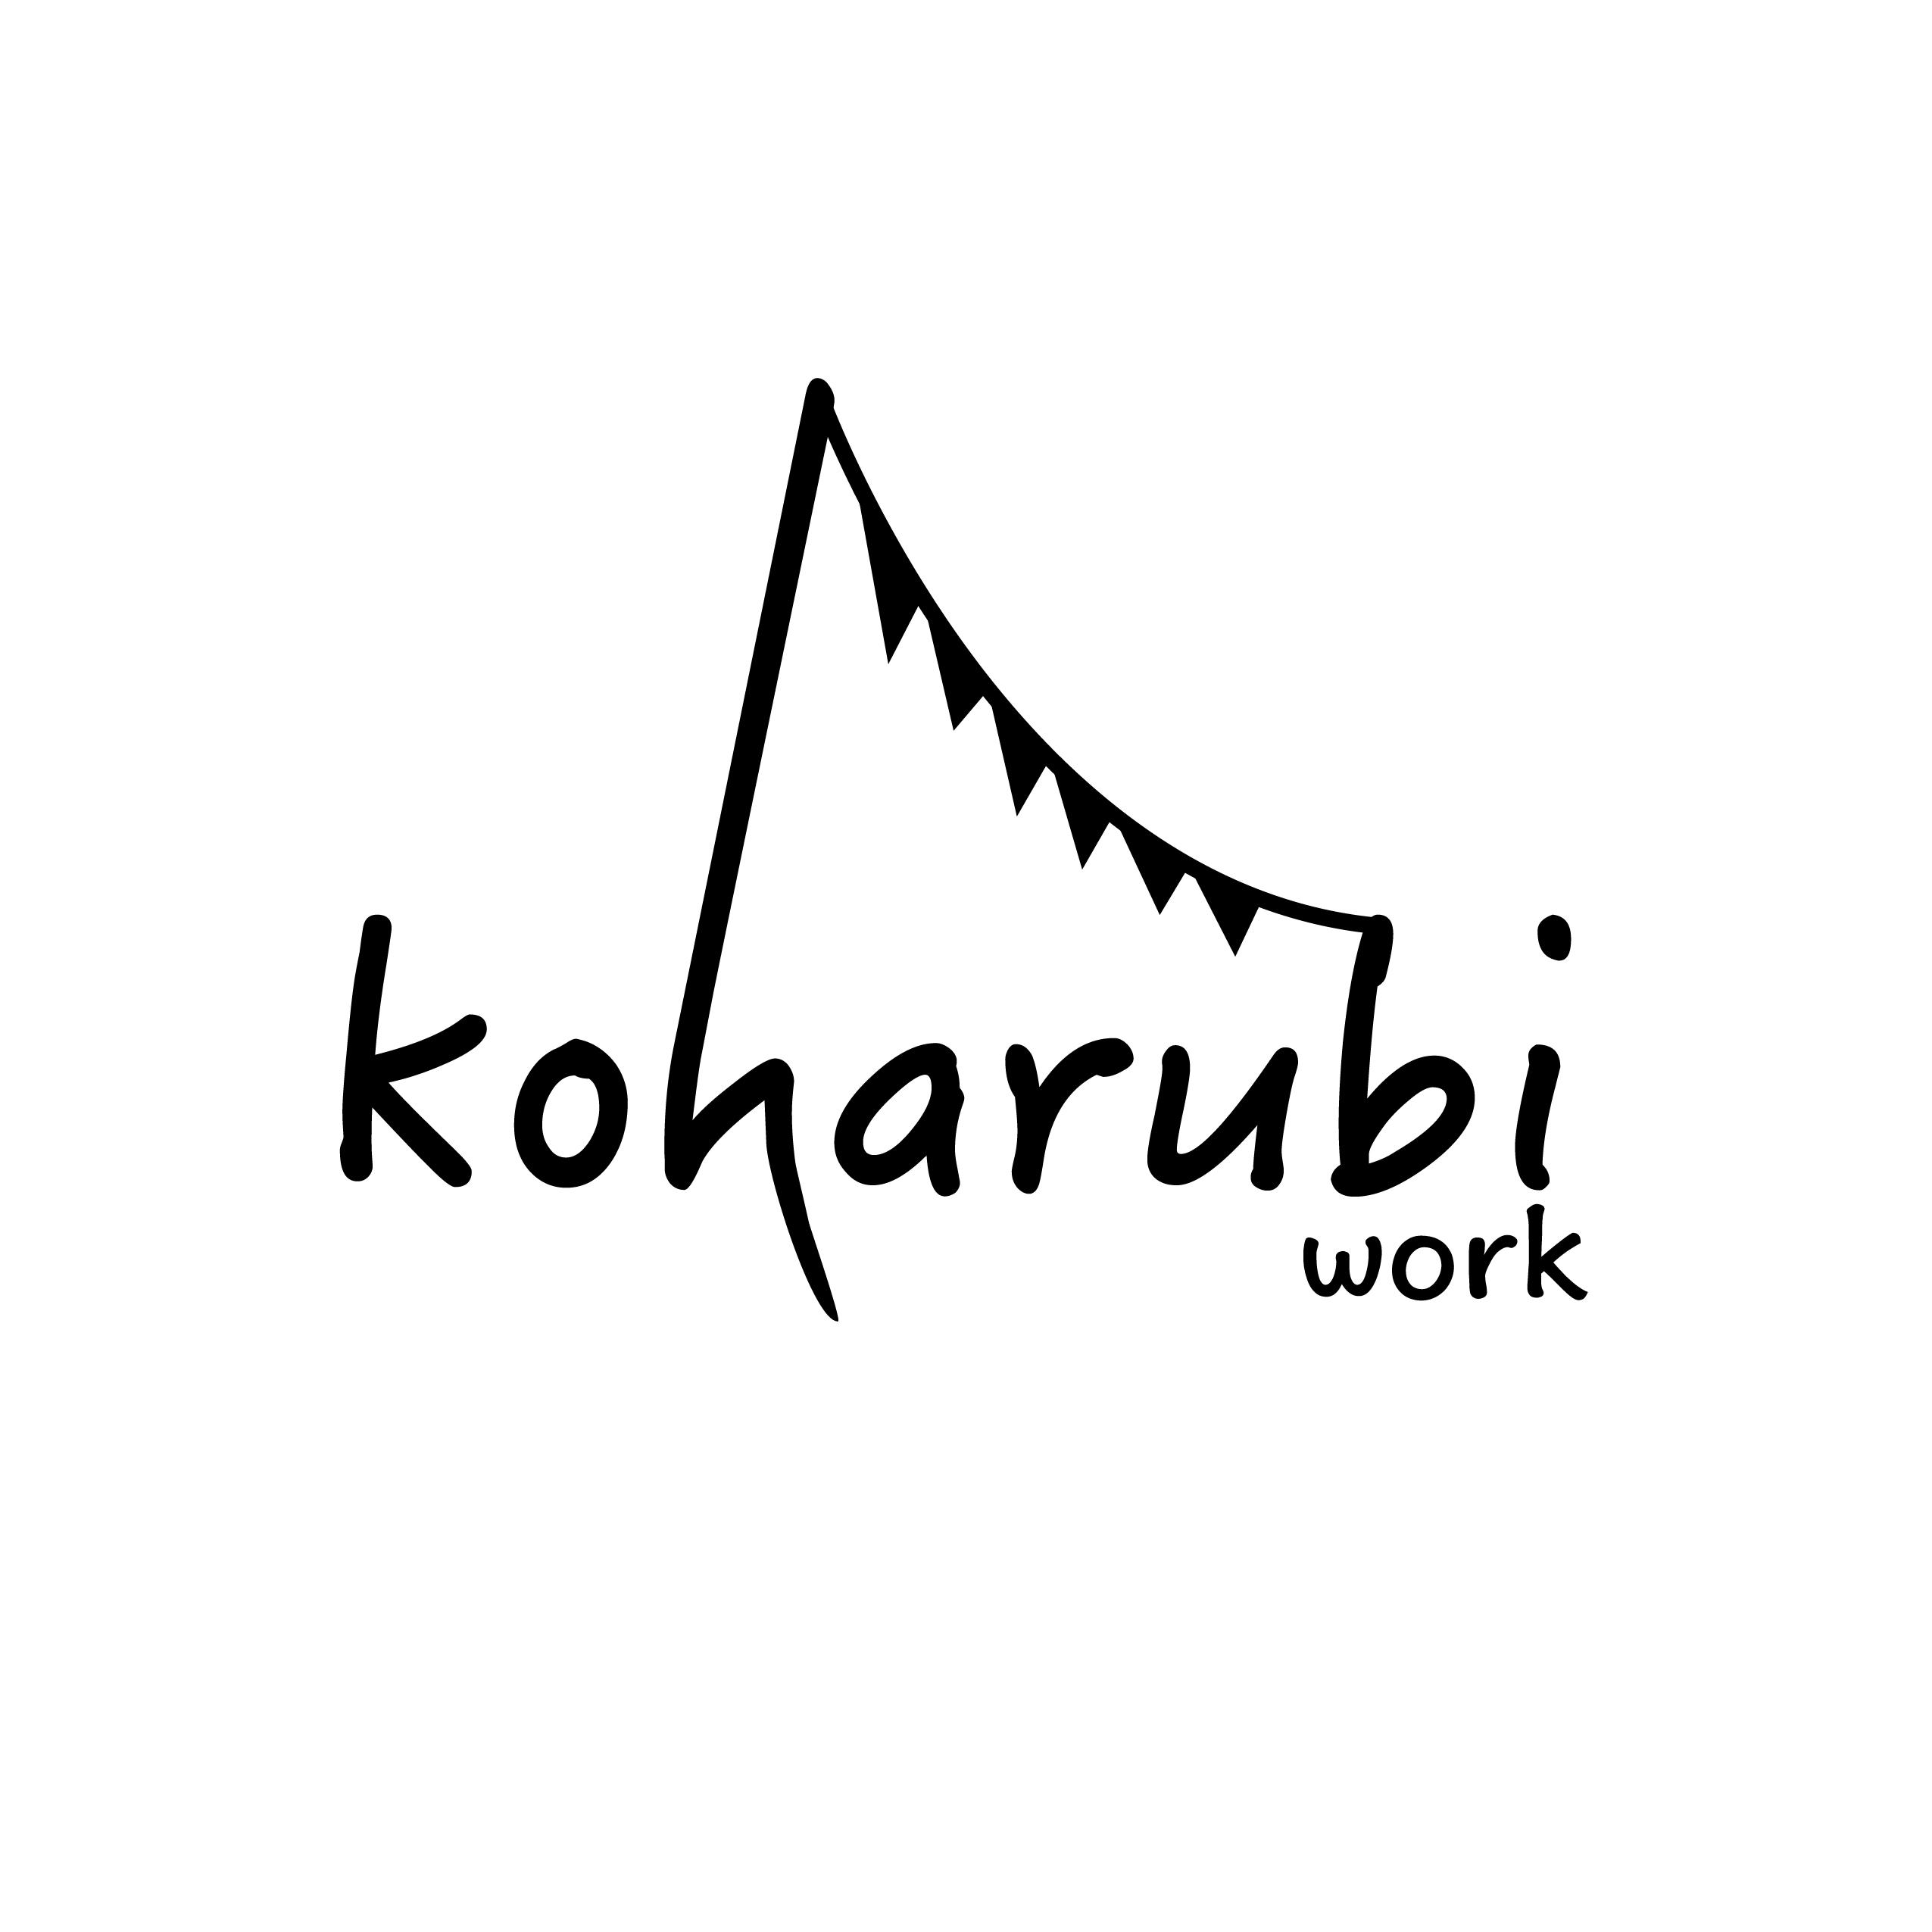 koharubiwork